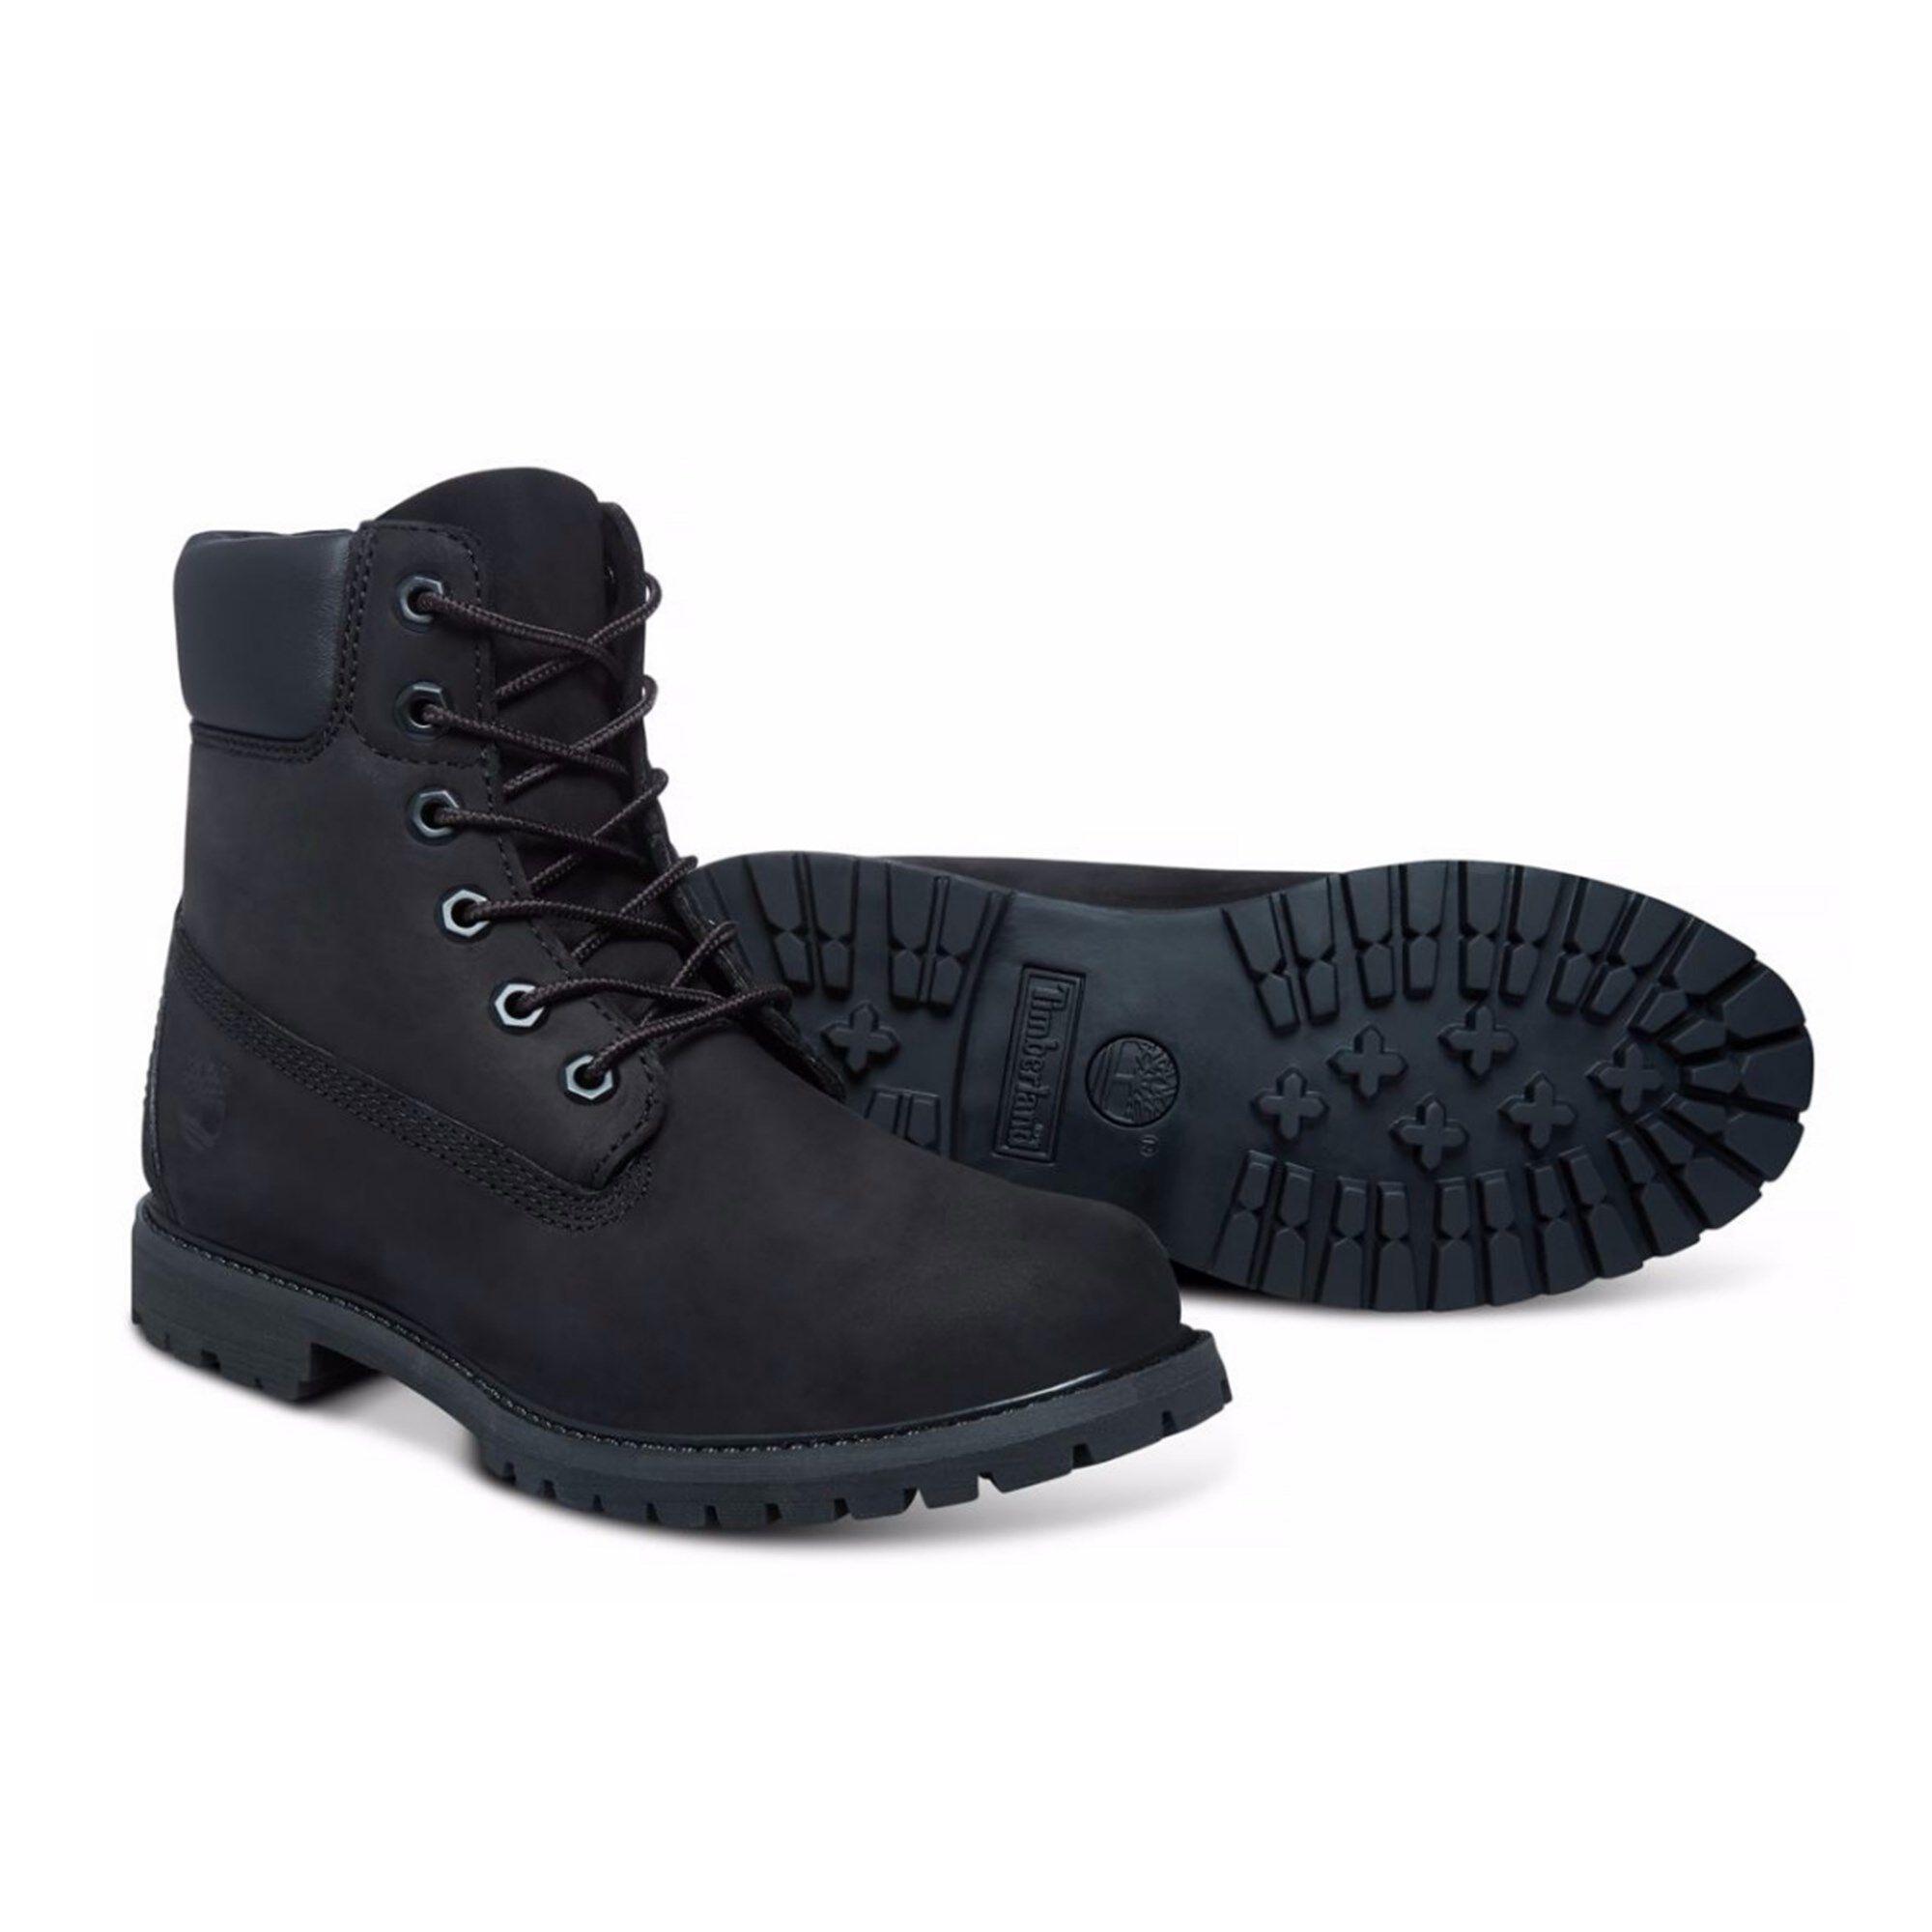 Timberland Brooklyn Lace Oxford Black Iris, Sko, Sneakers & Sportsko, Vandresko, Sort, Herre, 40